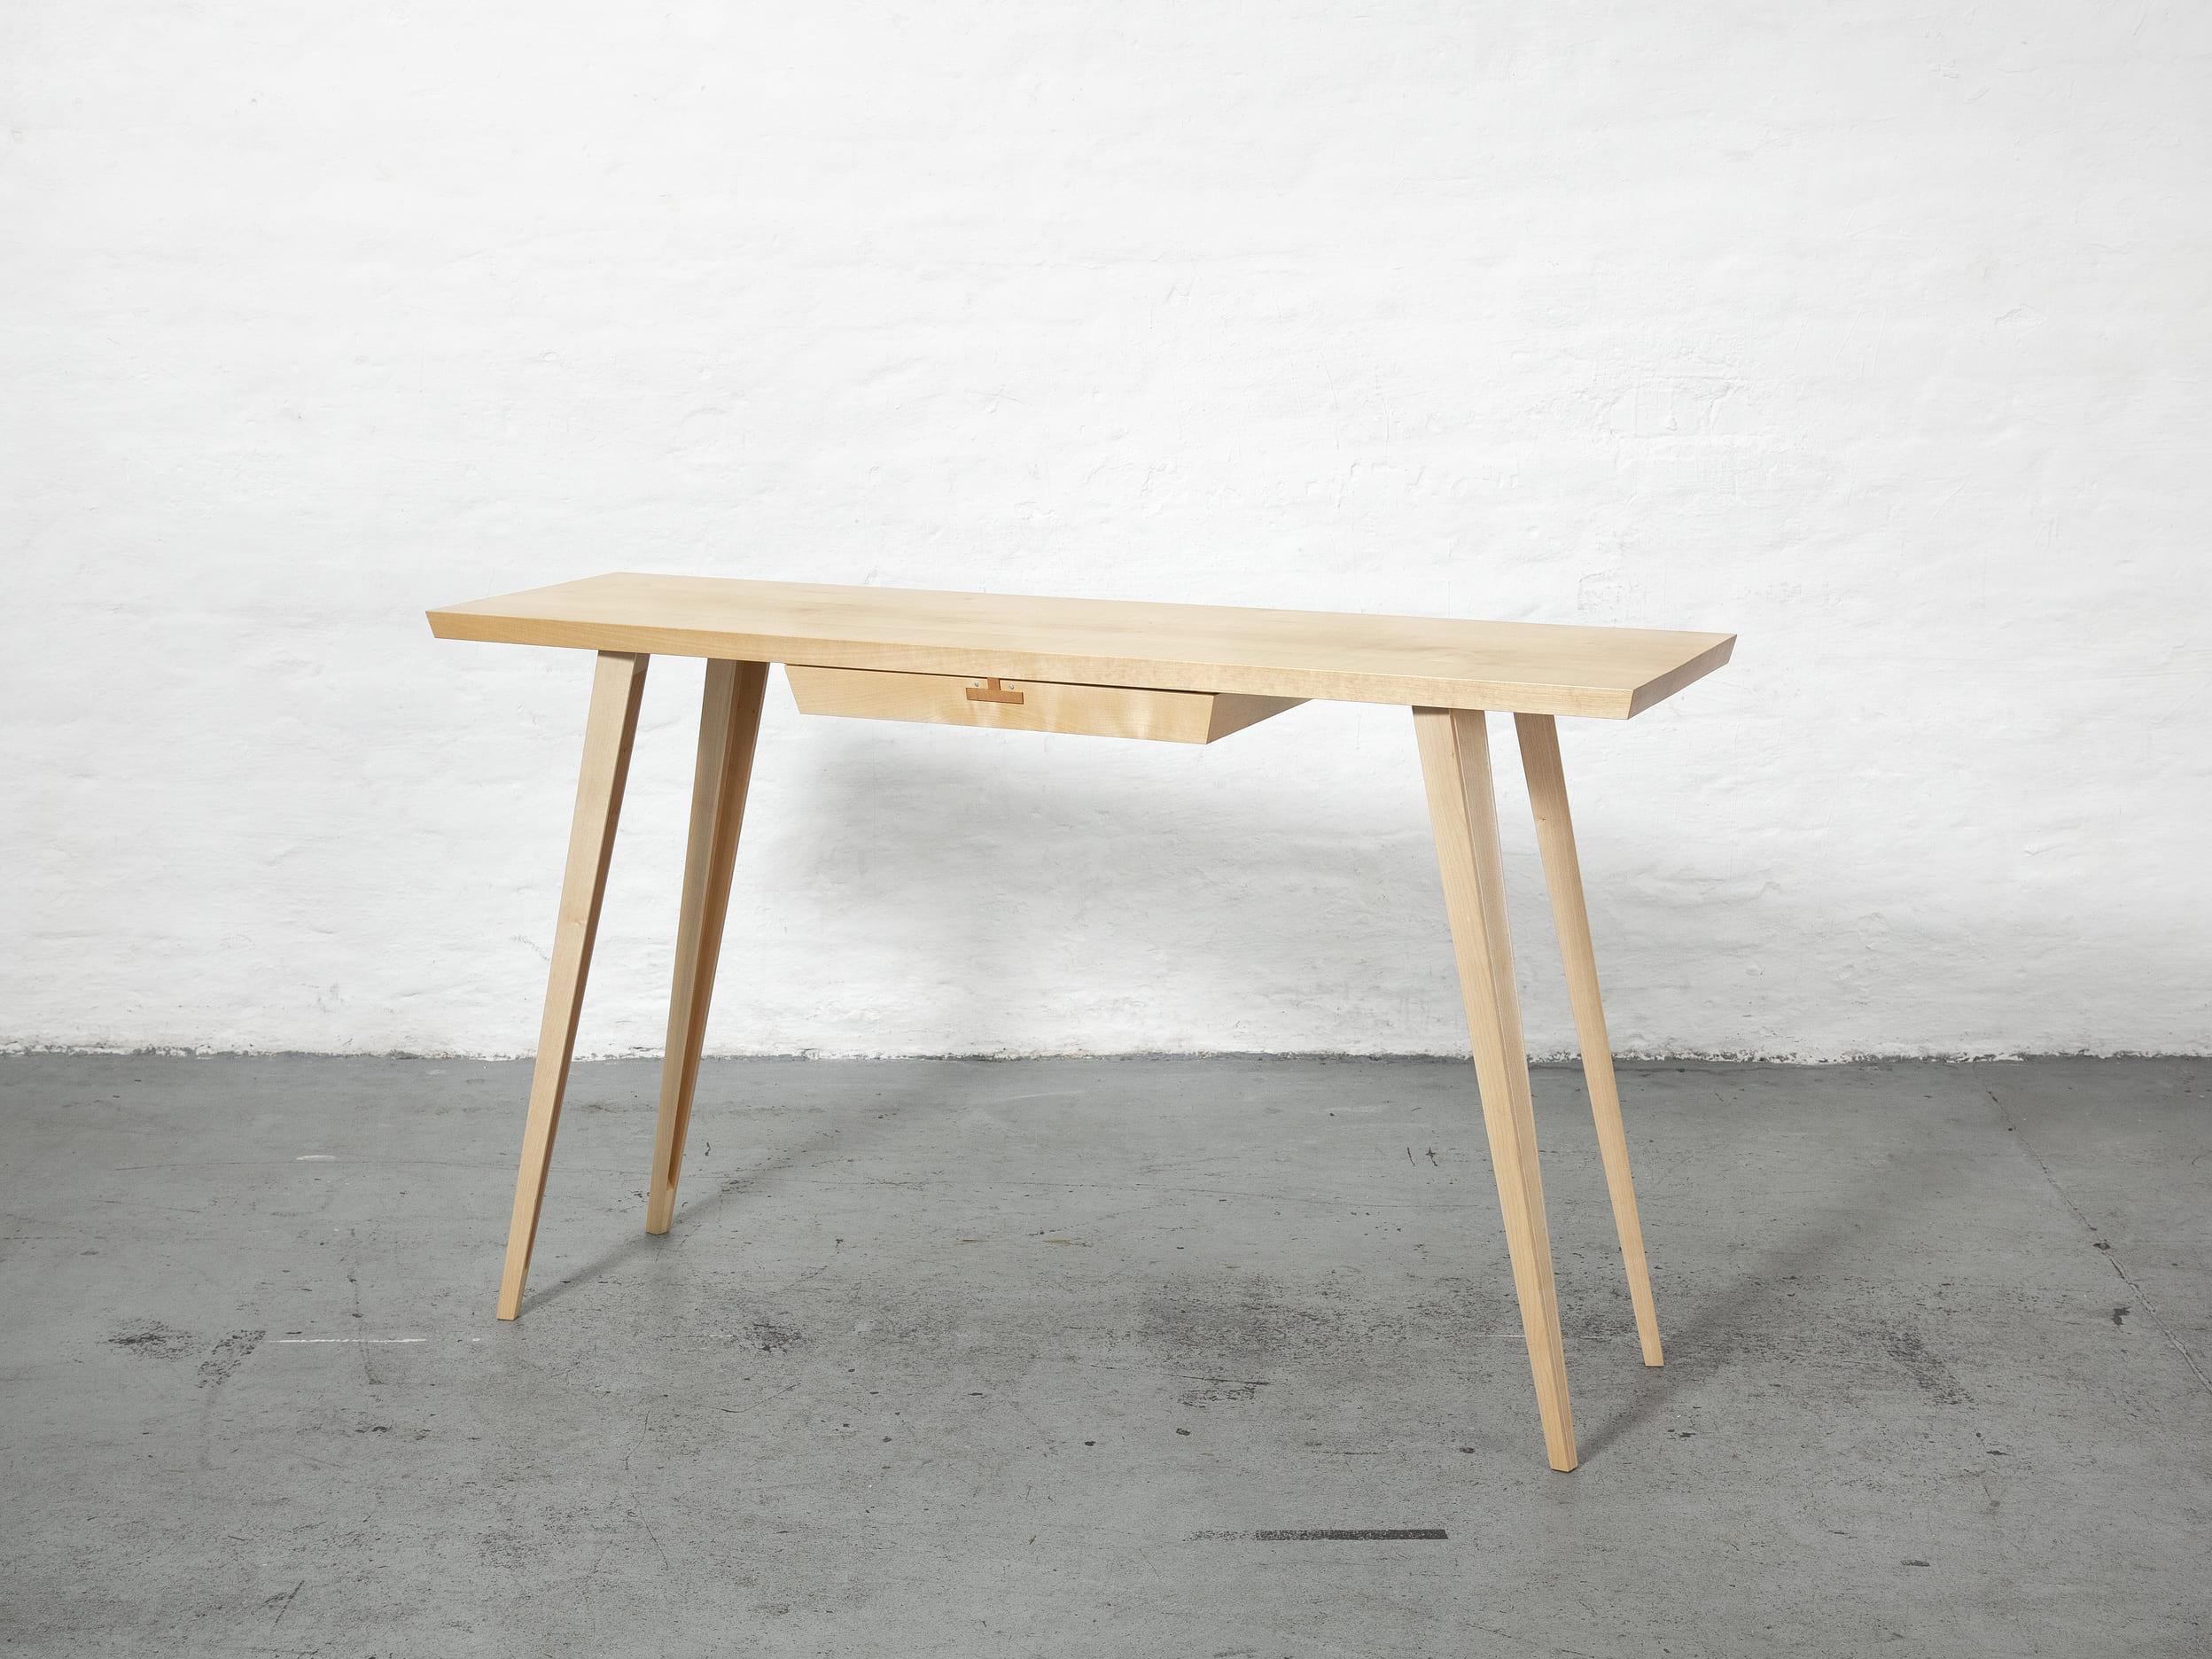 Eleganter Schreibtisch aus Ahorn, wahlweise gebeizt, gewachst mit entnehmbarem Schub. Der Schub lässt sich in beide Richtungen öffnen.